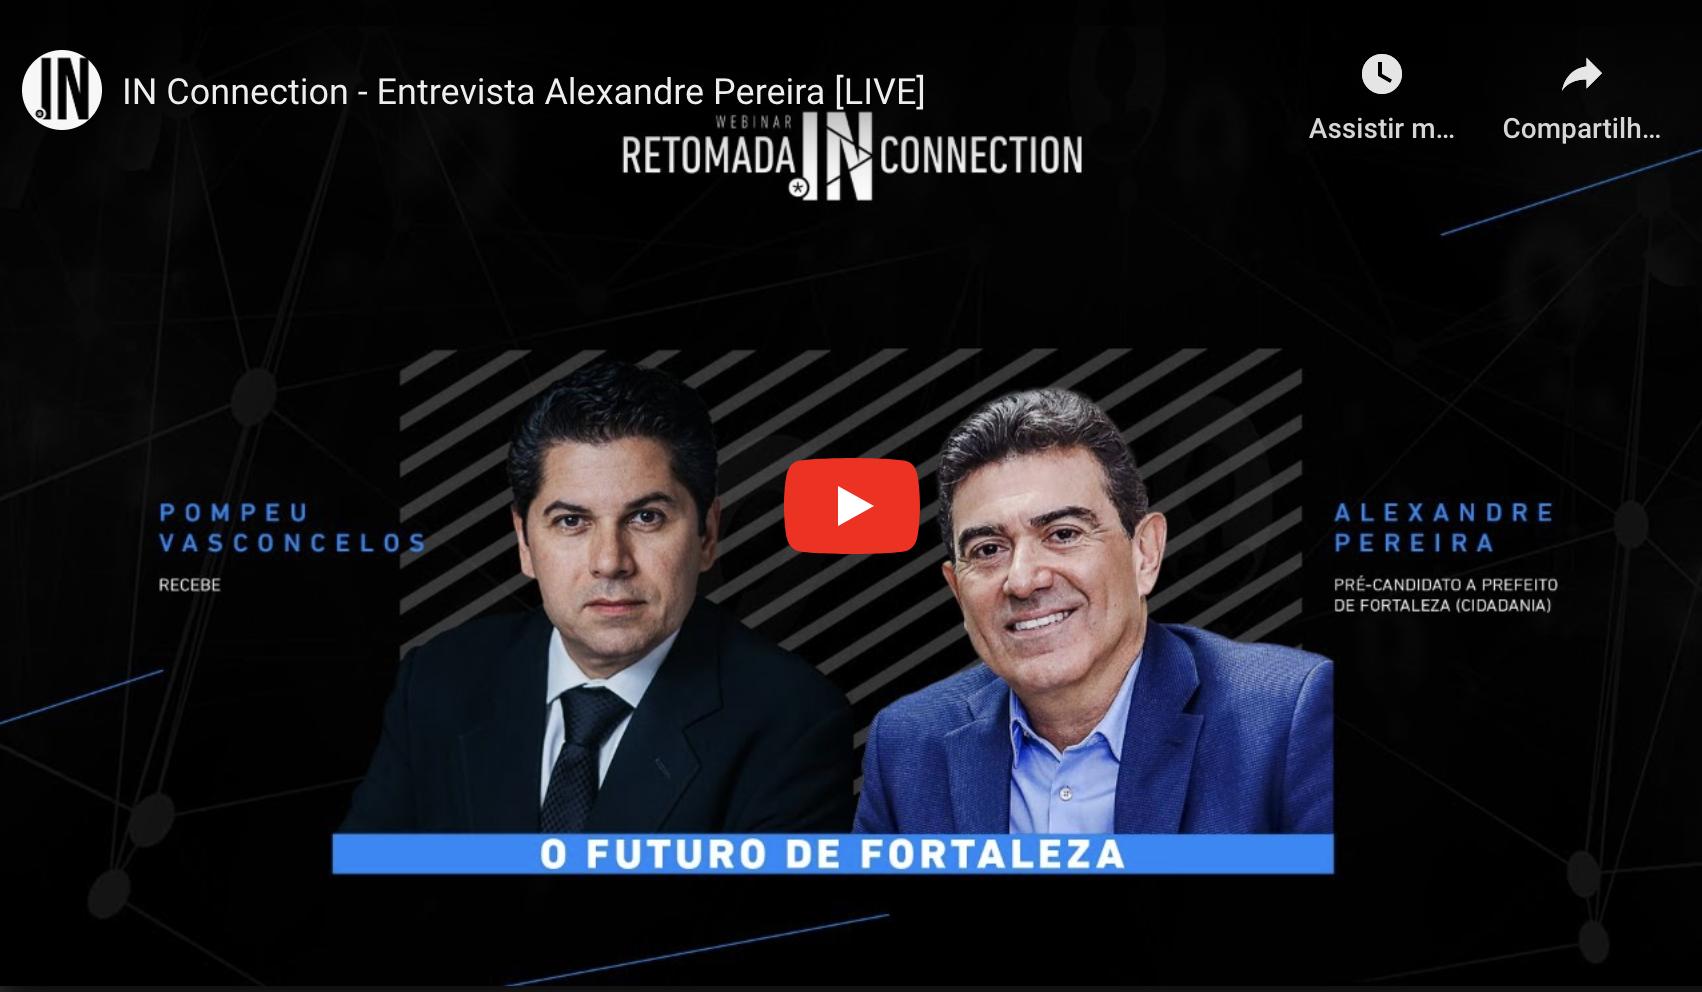 Assista ao vivo(18h23) aqui no IN Connection, o debate com Alexandre Pereira, pré-candidato a prefeito de Fortaleza